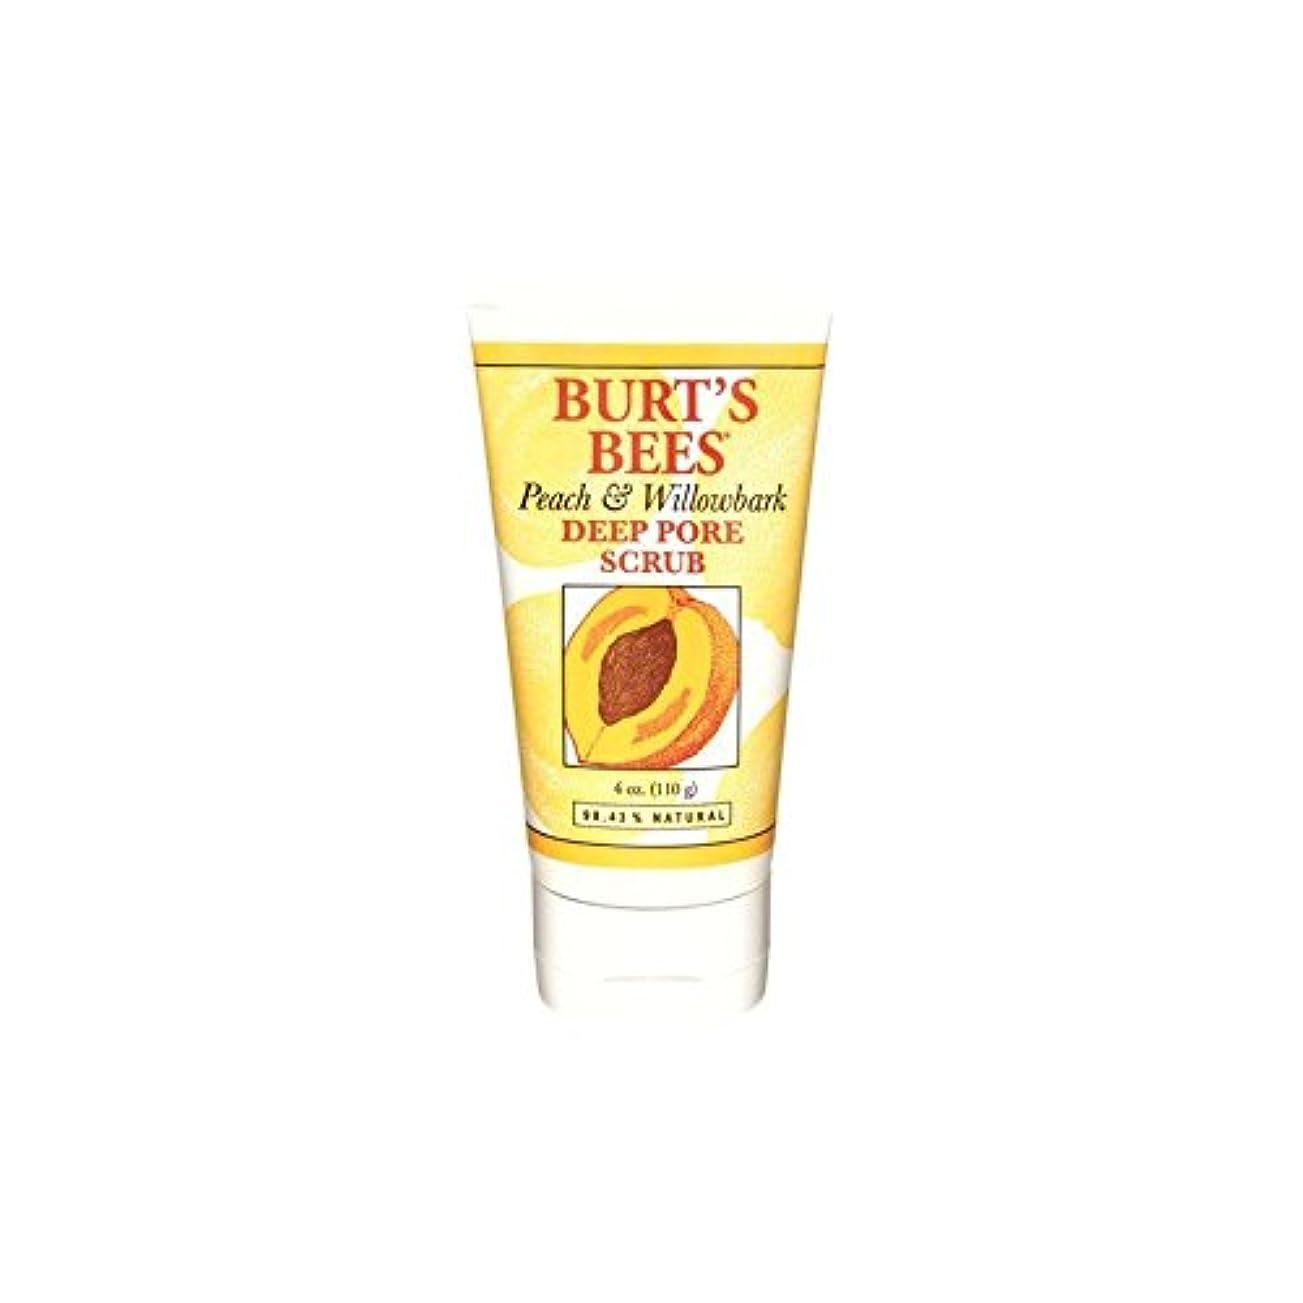 会う固める合意バーツビーの桃&深いポアスクラブ(4オンス/ 110グラム) x2 - Burt's Bees Peach & Willowbark Deep Pore Scrub (4 Oz / 110G) (Pack of 2) [並行輸入品]